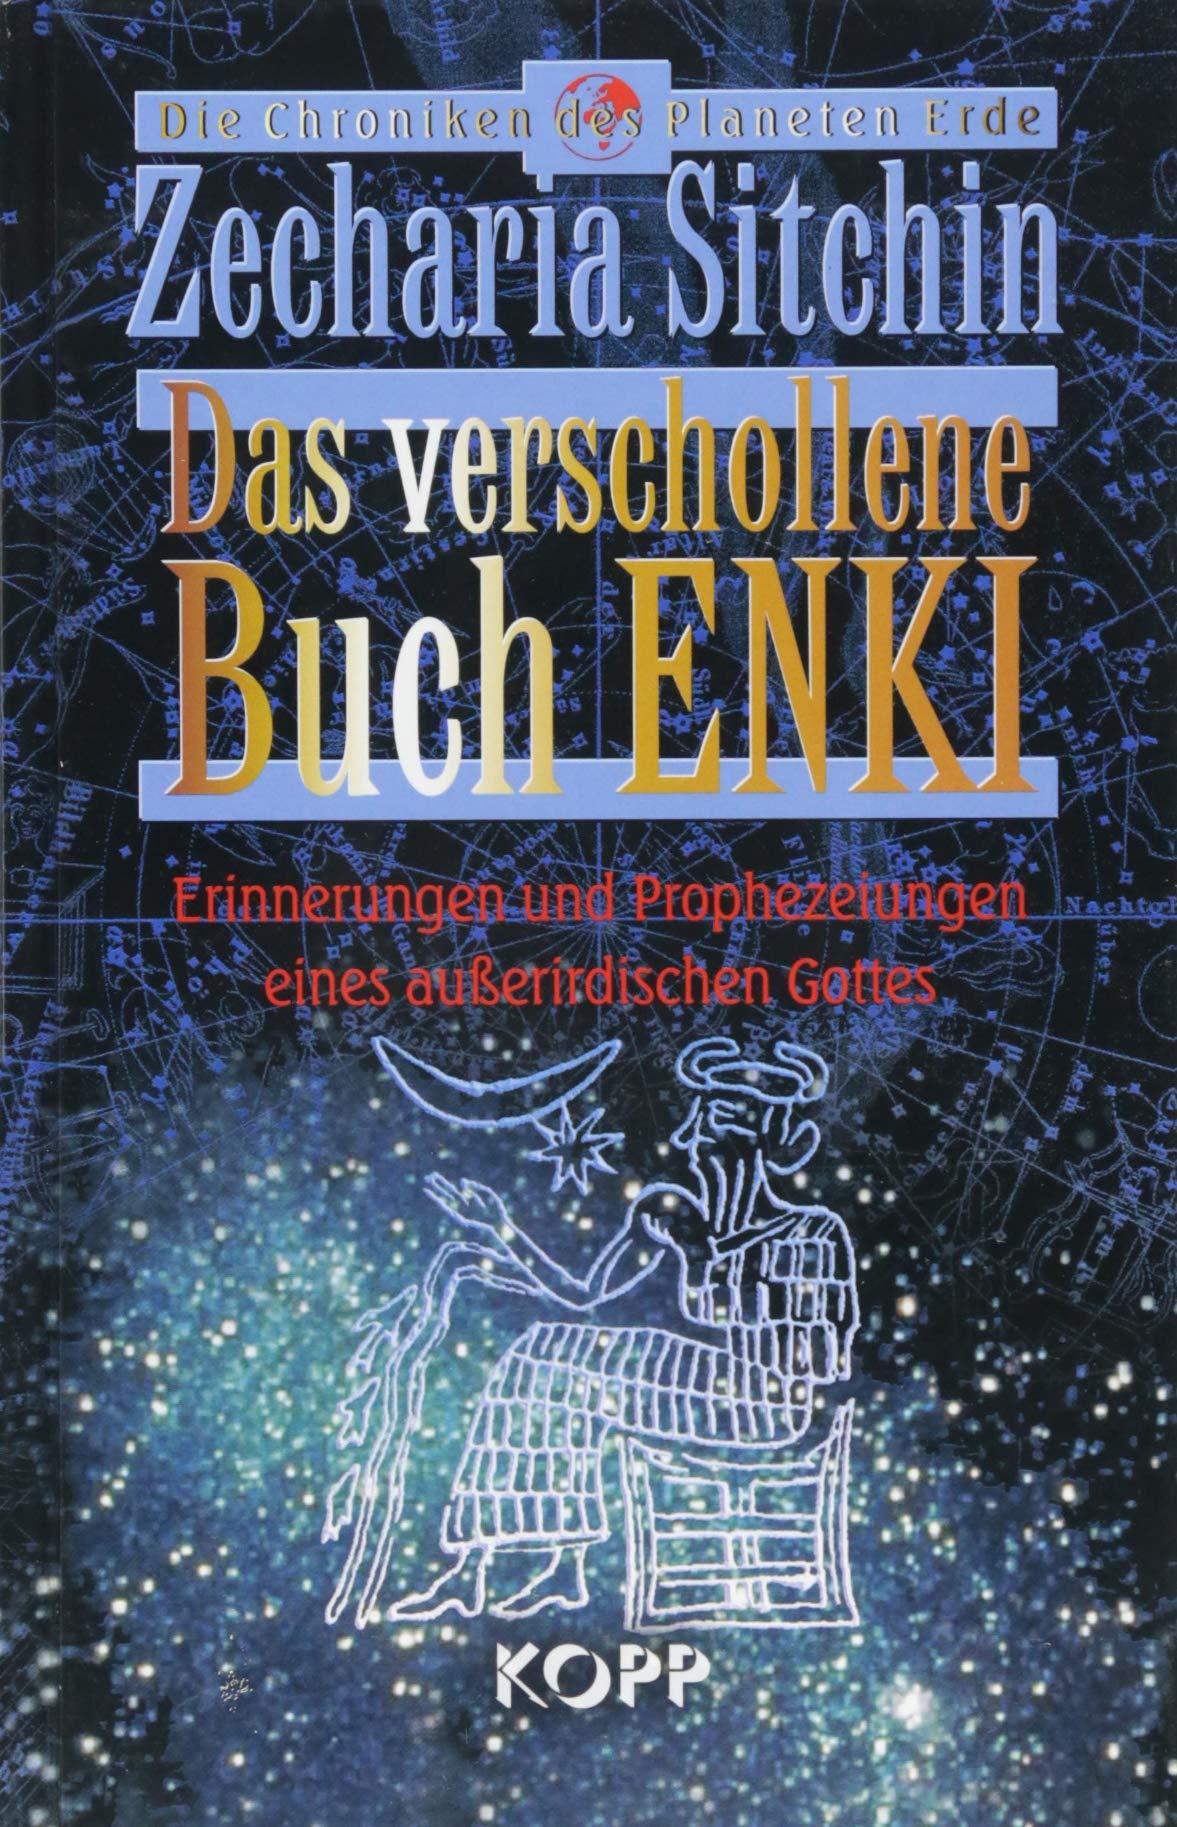 Das Verschollene Buch Enki  Erinnerungen Und Prophezeiungen Eines Außerirdischen Gottes